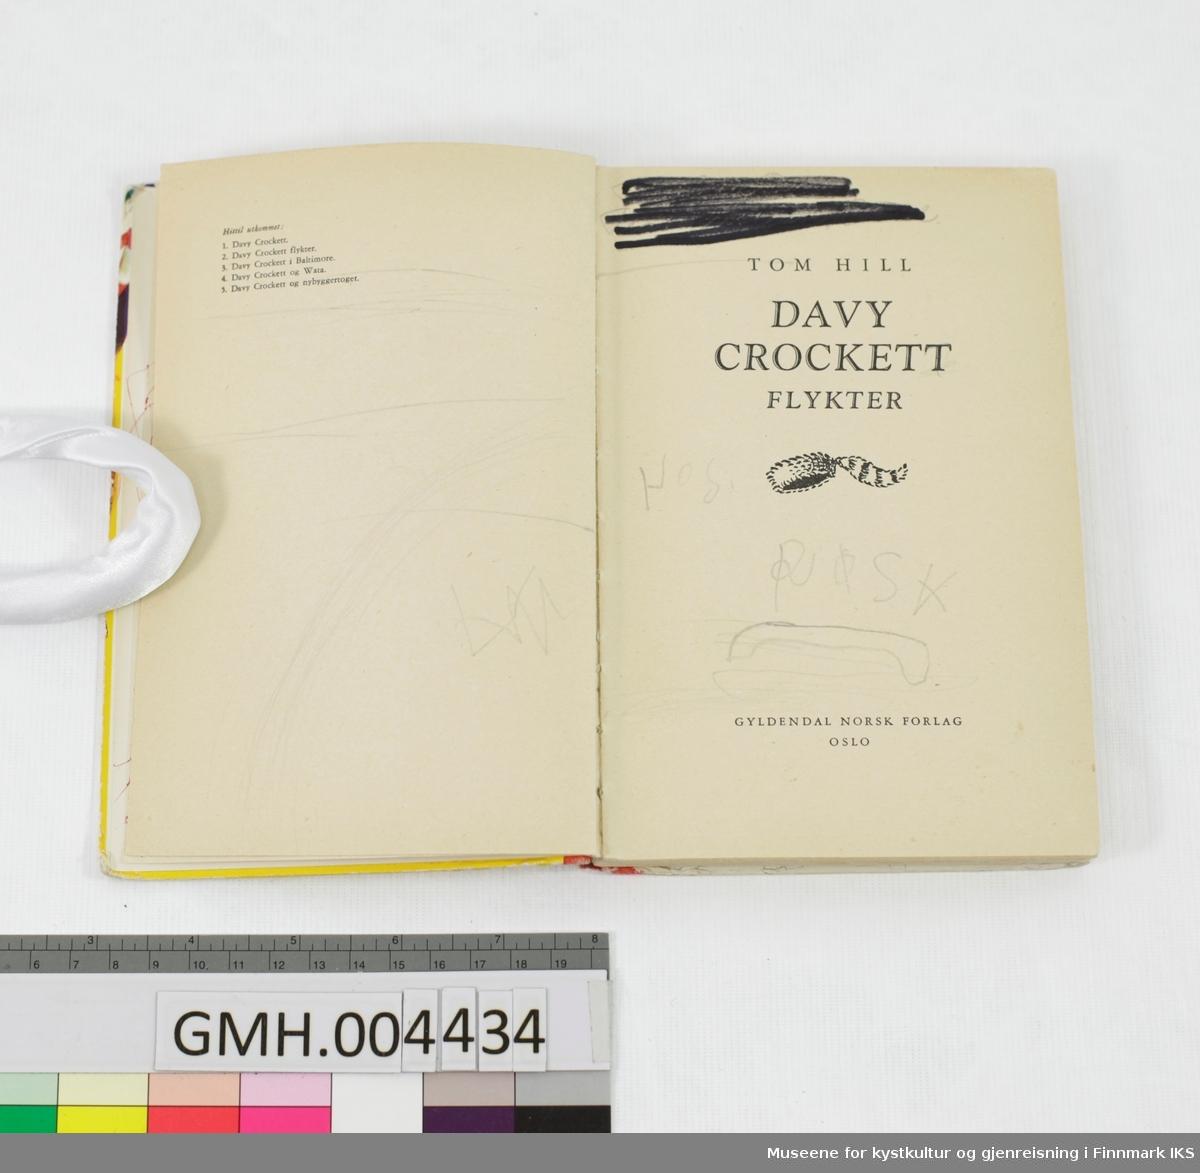 Bok: Tom Hill. Davy Crockett flykter. Gyldendal, Oslo, 1957.